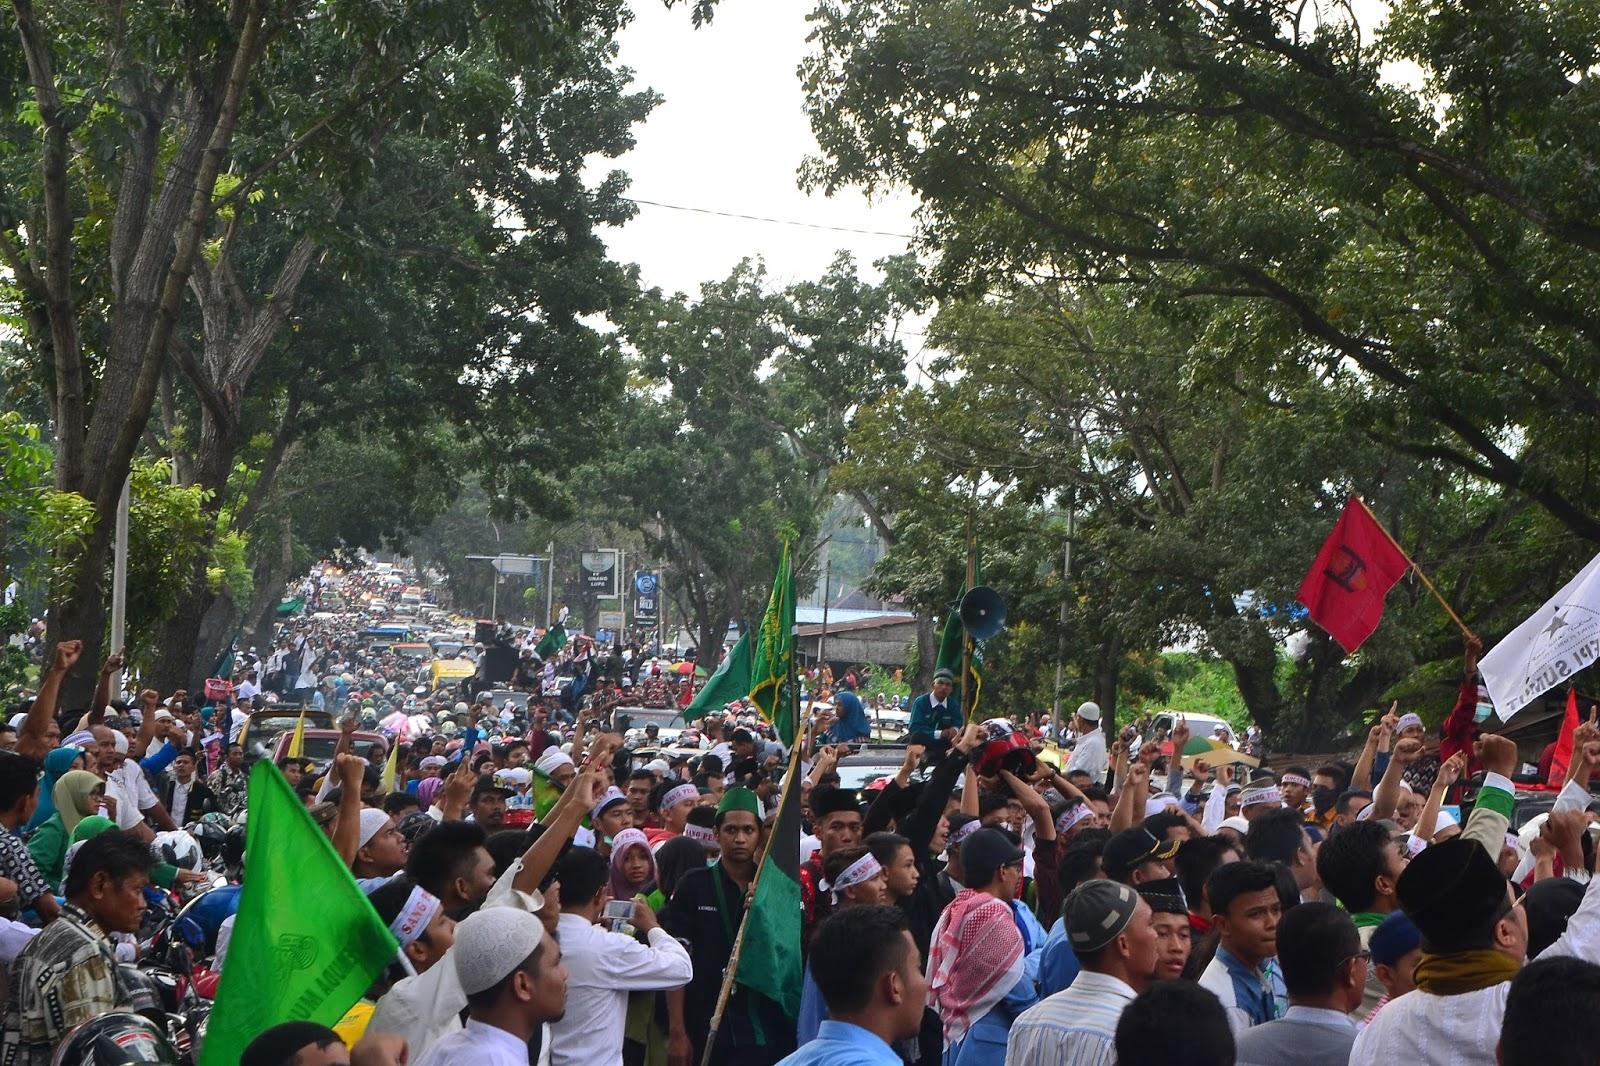 Tangkap Ahok !! Aksi Bela Islam Jilid 2 di Medan fc6fb9a858